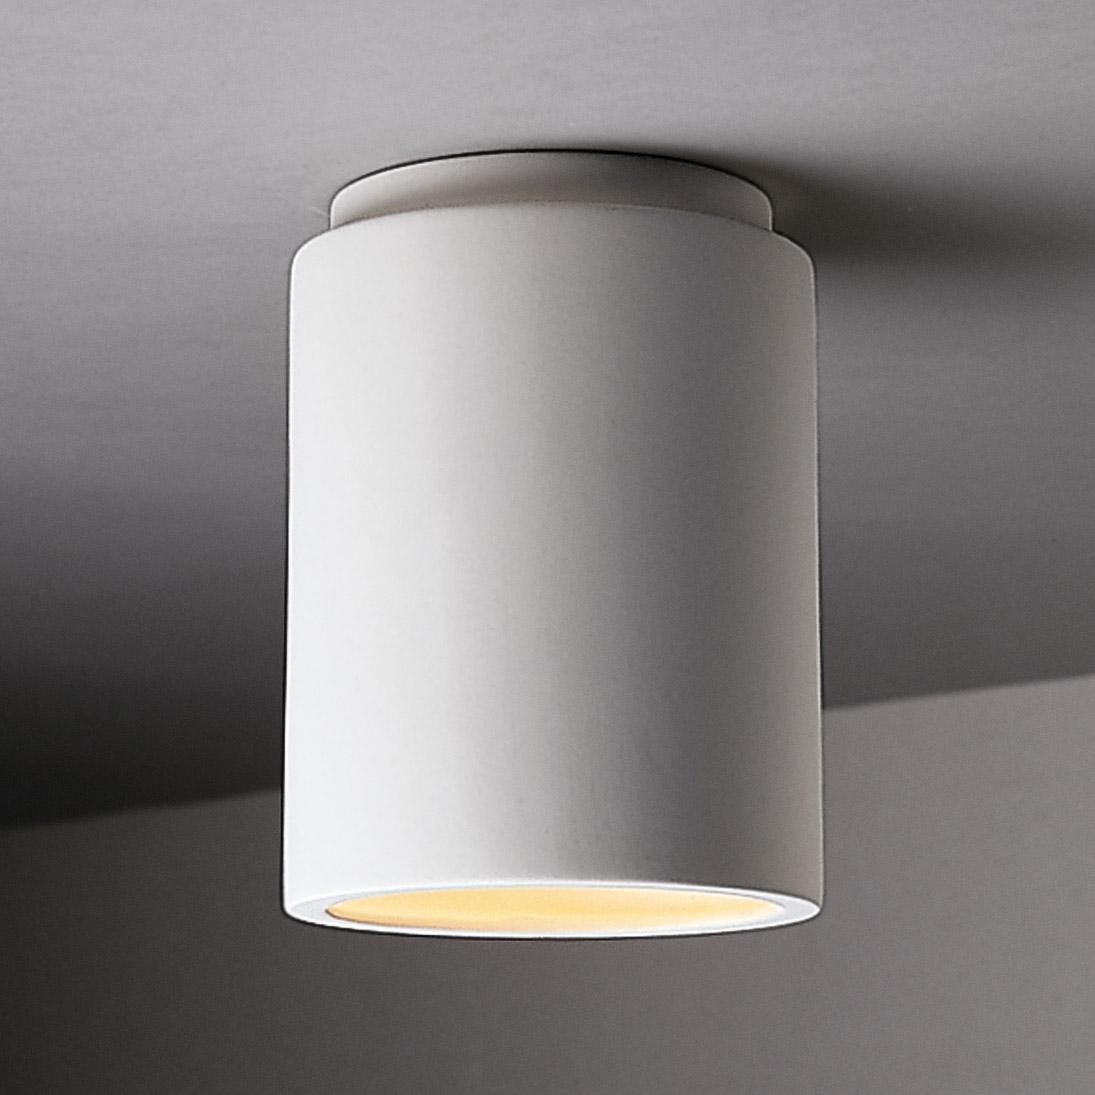 Justice Design Cer 6100 Bis Radiance Cylinder Flush Mount Ceiling Fixture